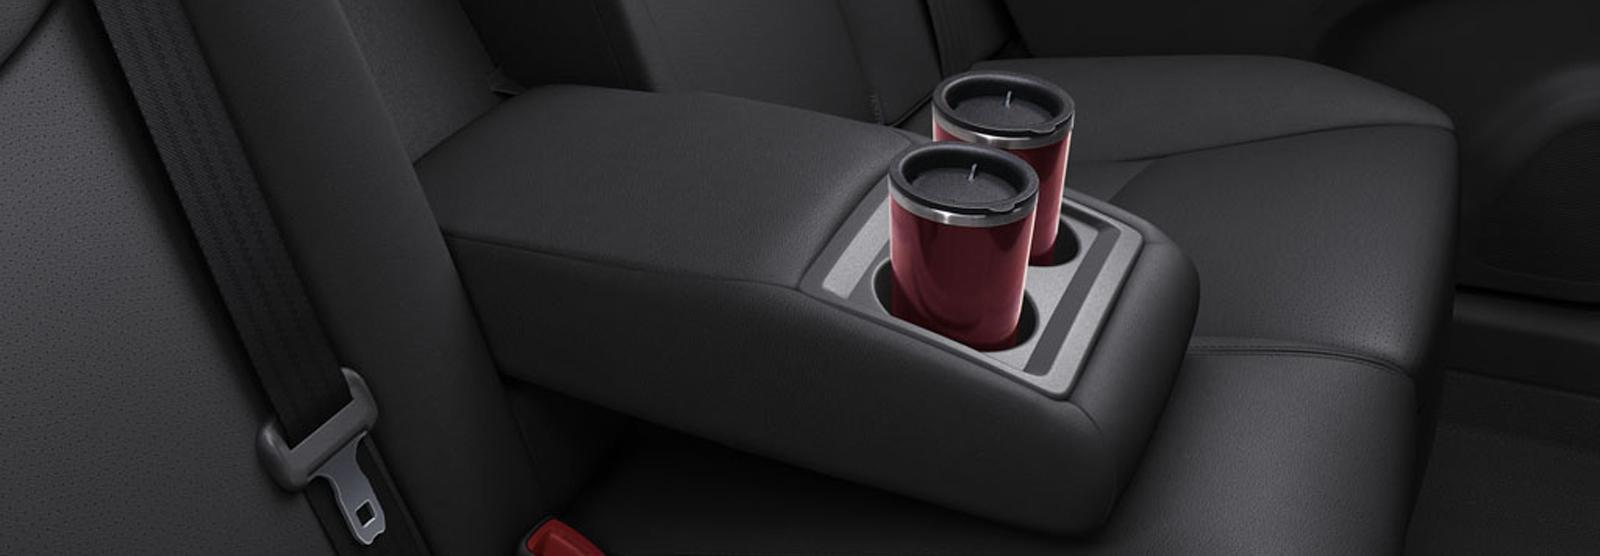 prius-interior9